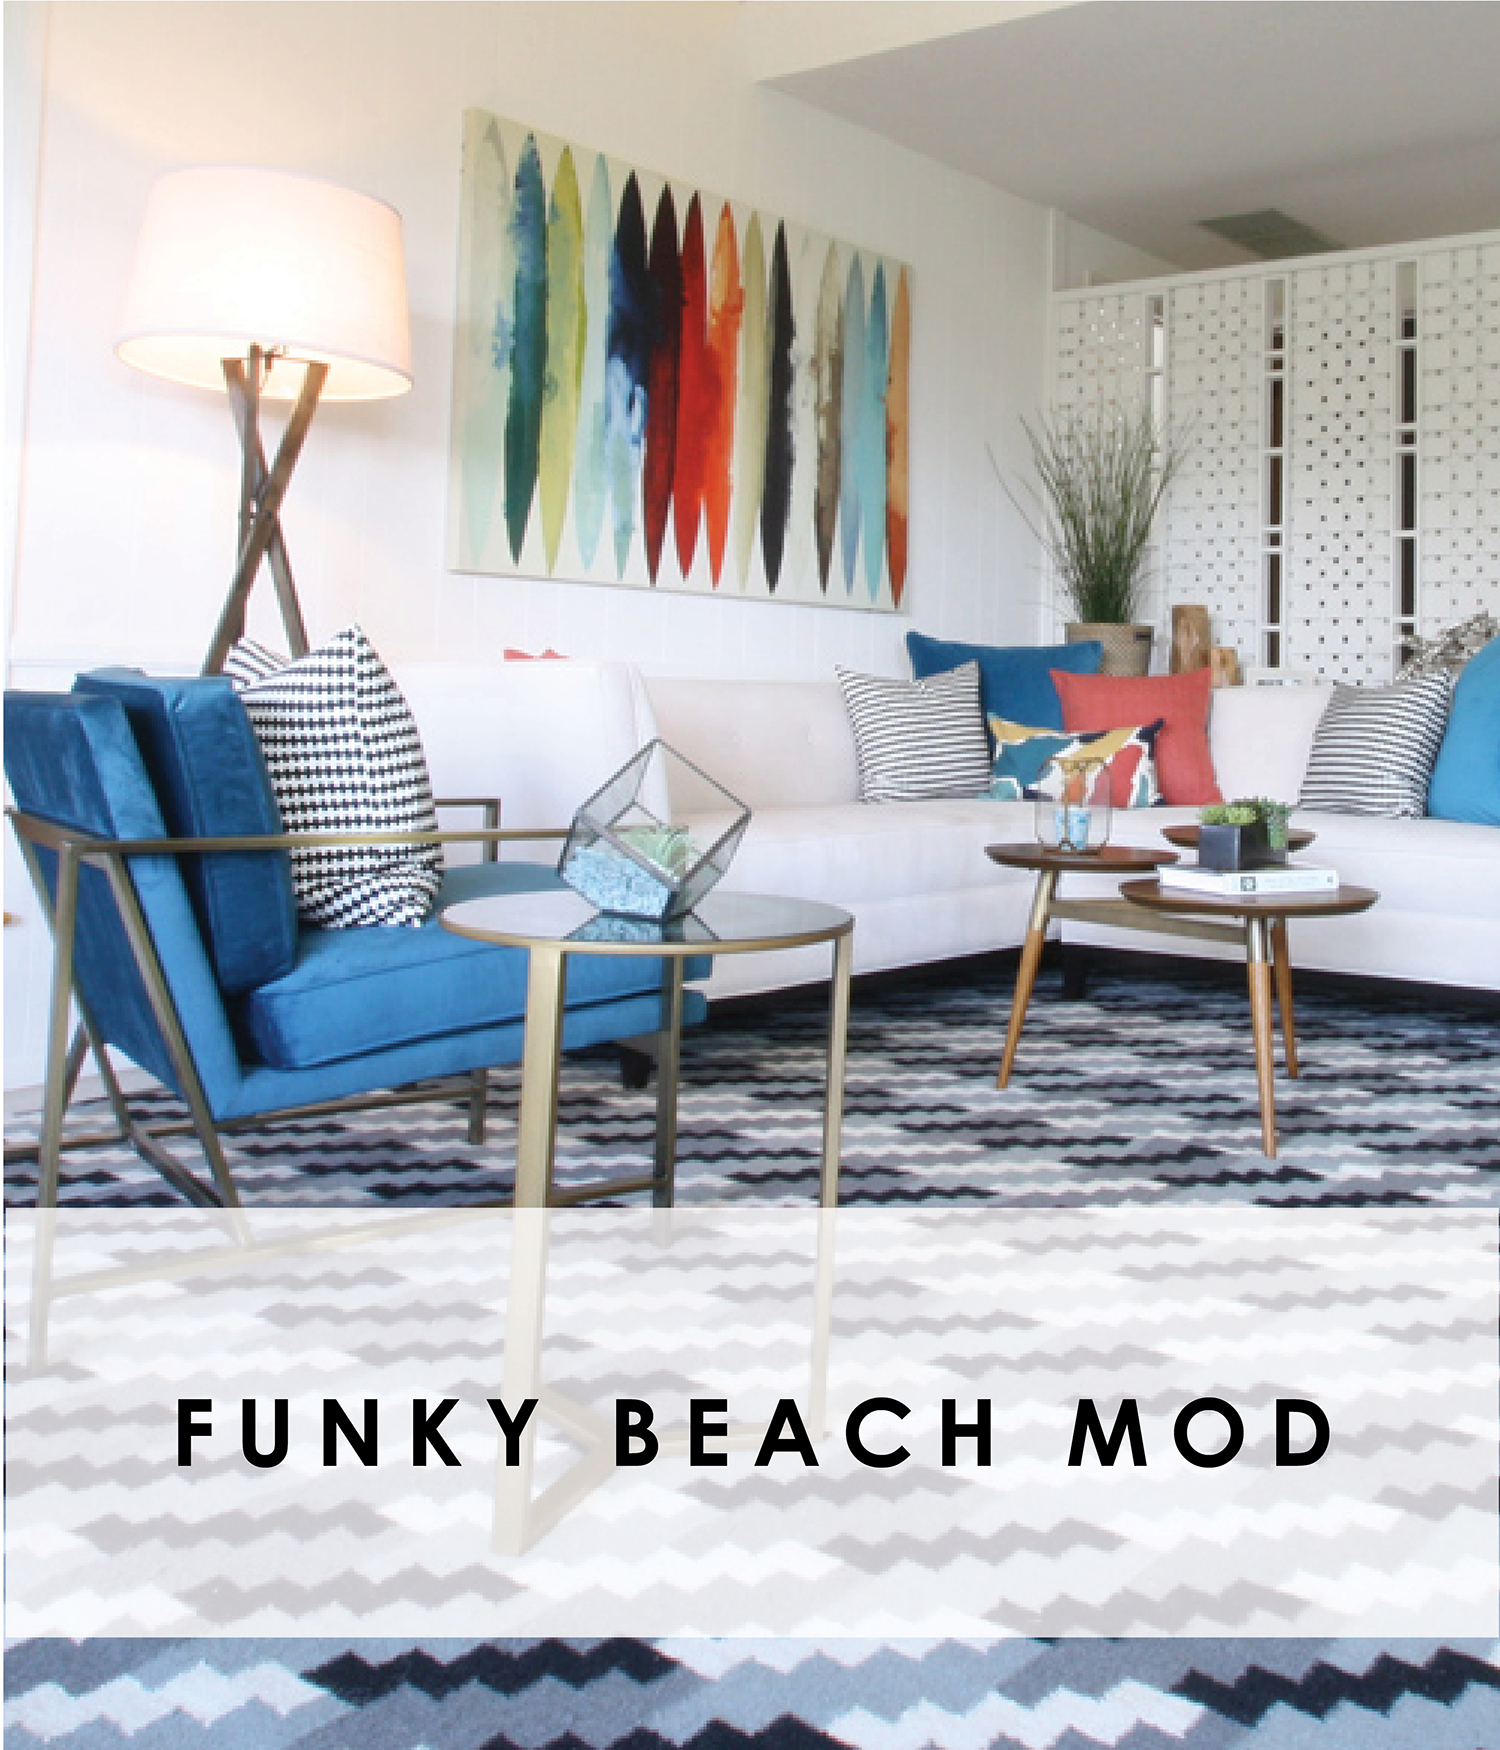 Funky Beach Mod_Thompson.jpg